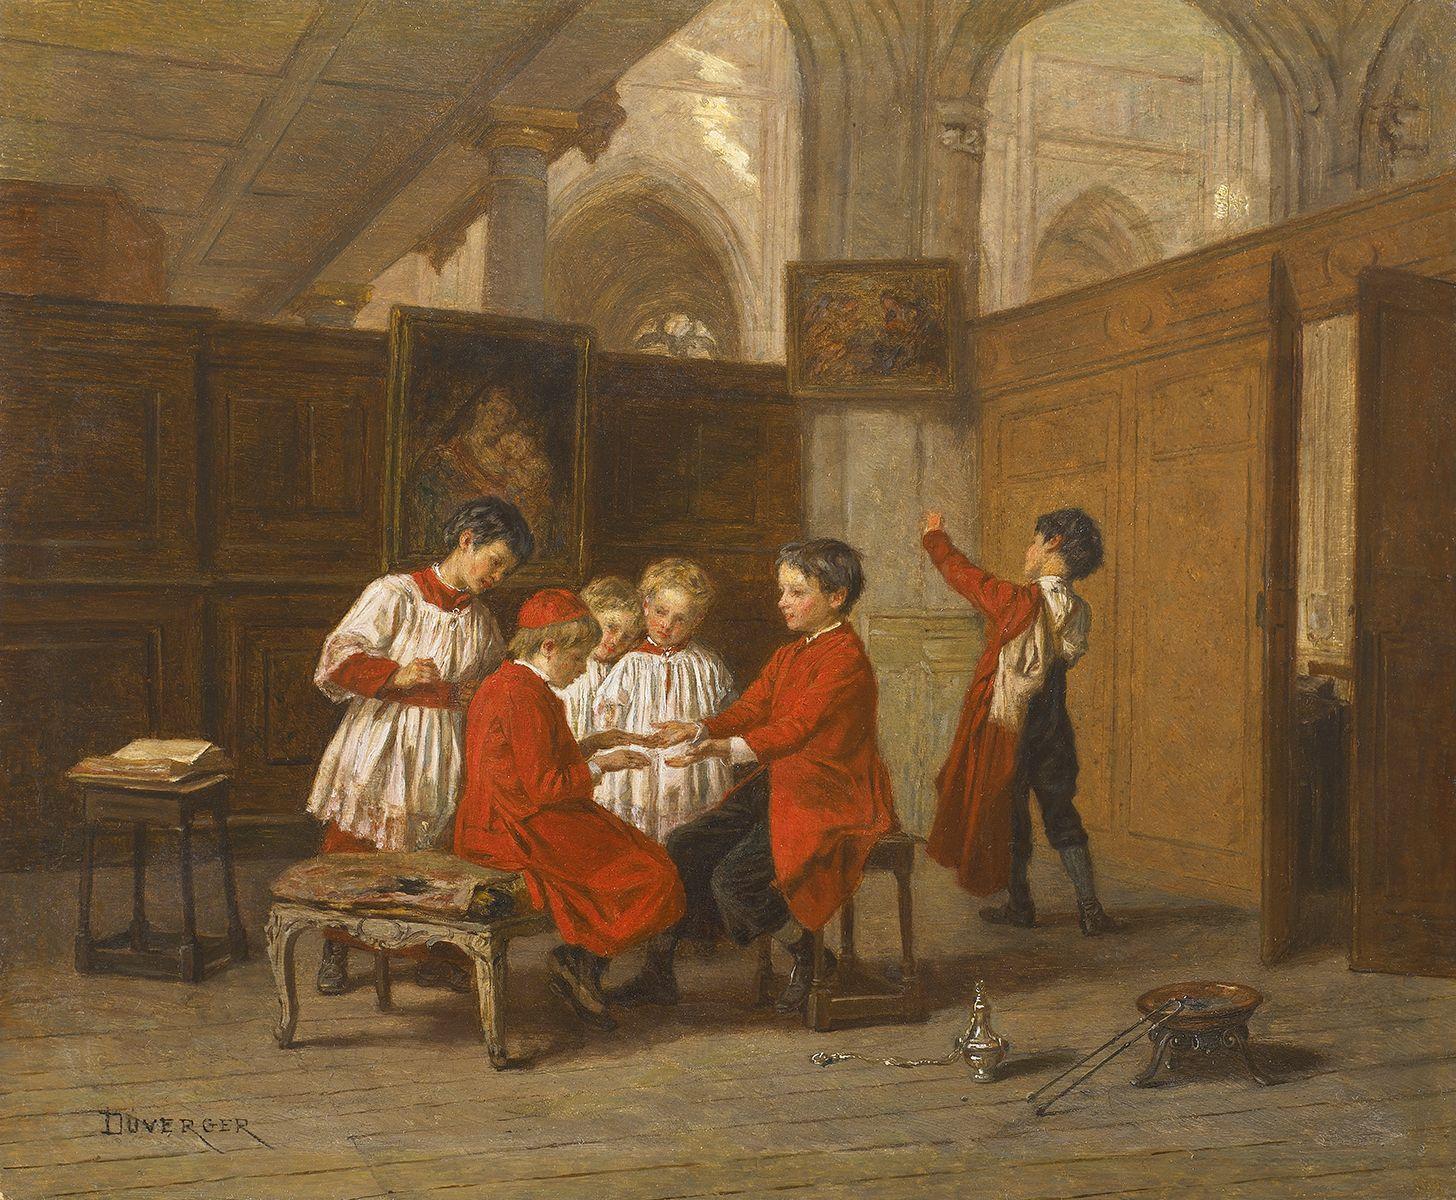 http://www.galeriearyjan.com/docs/larges/Theophile-Duverger_Enfants-de-choeur-dans-la-sacristie.jpg